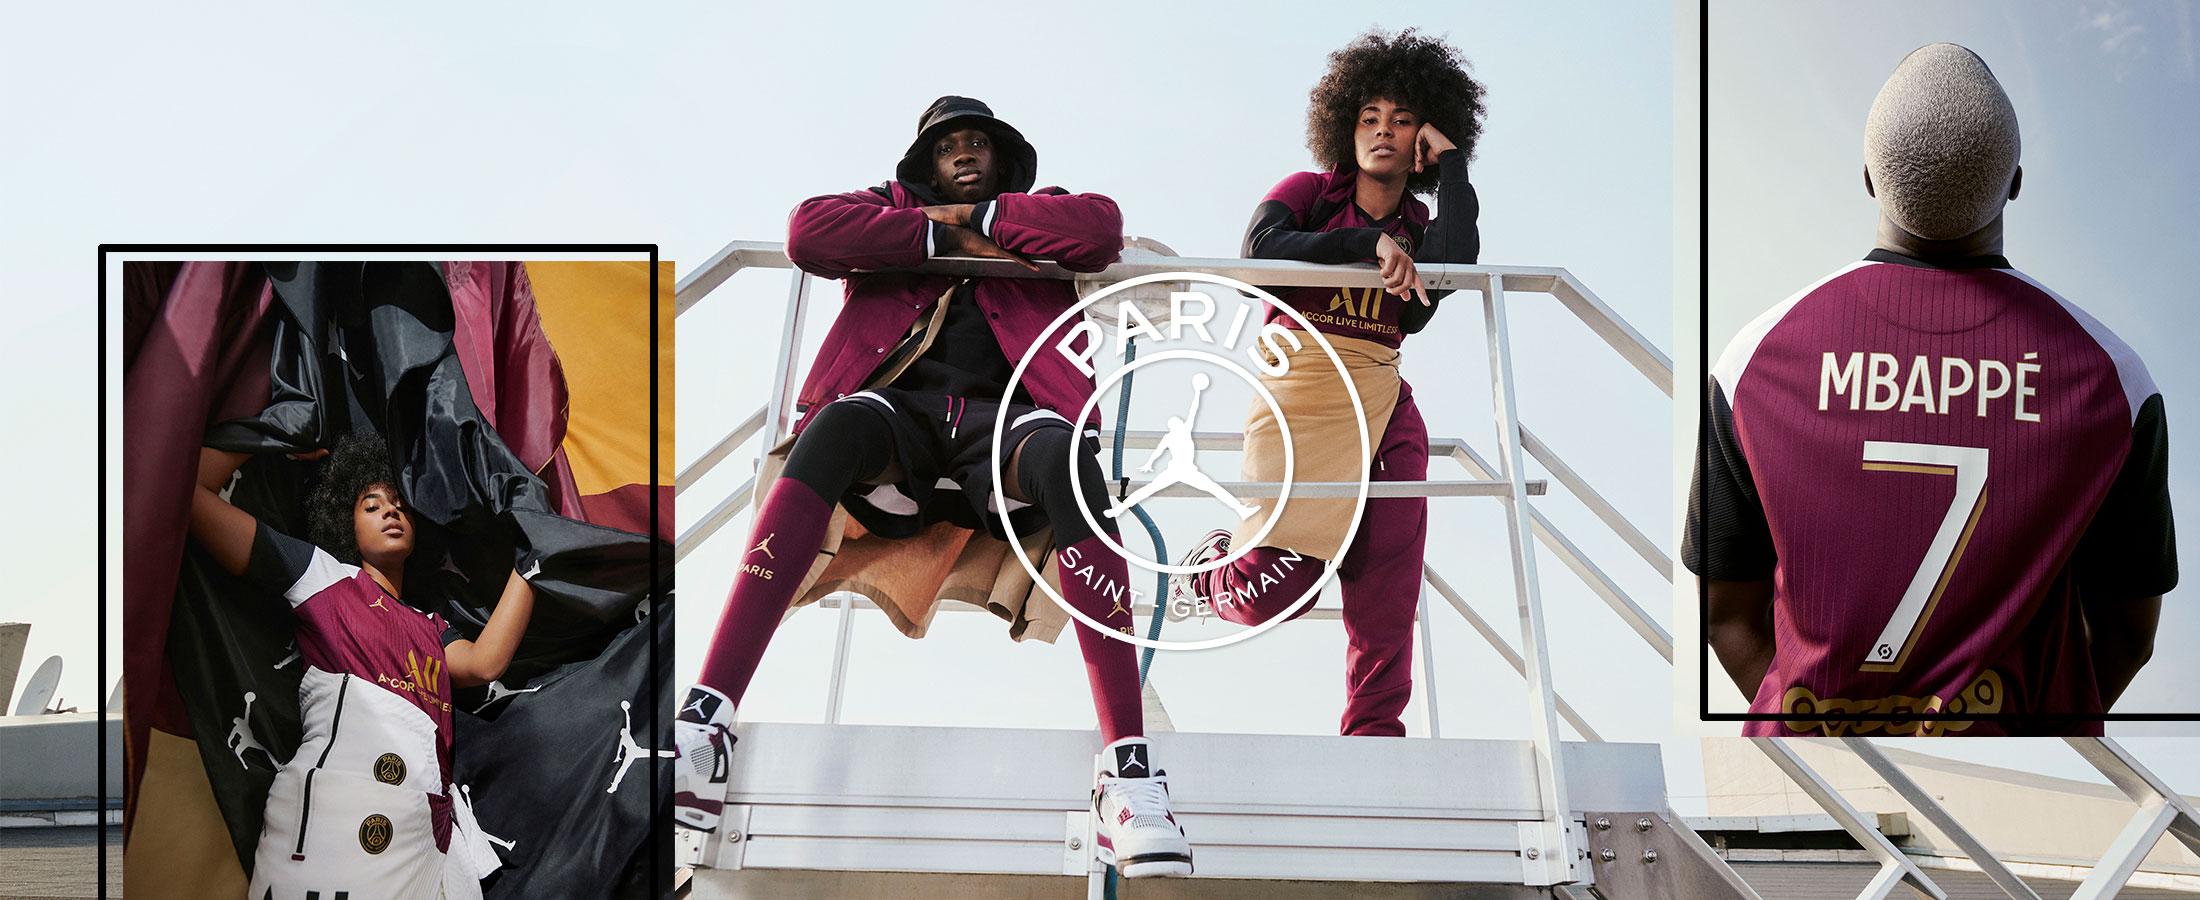 Disponibles a partir del 10/10 la nueva tercera equipación Nike del Paris Saint-Germain 2020 - 2021.